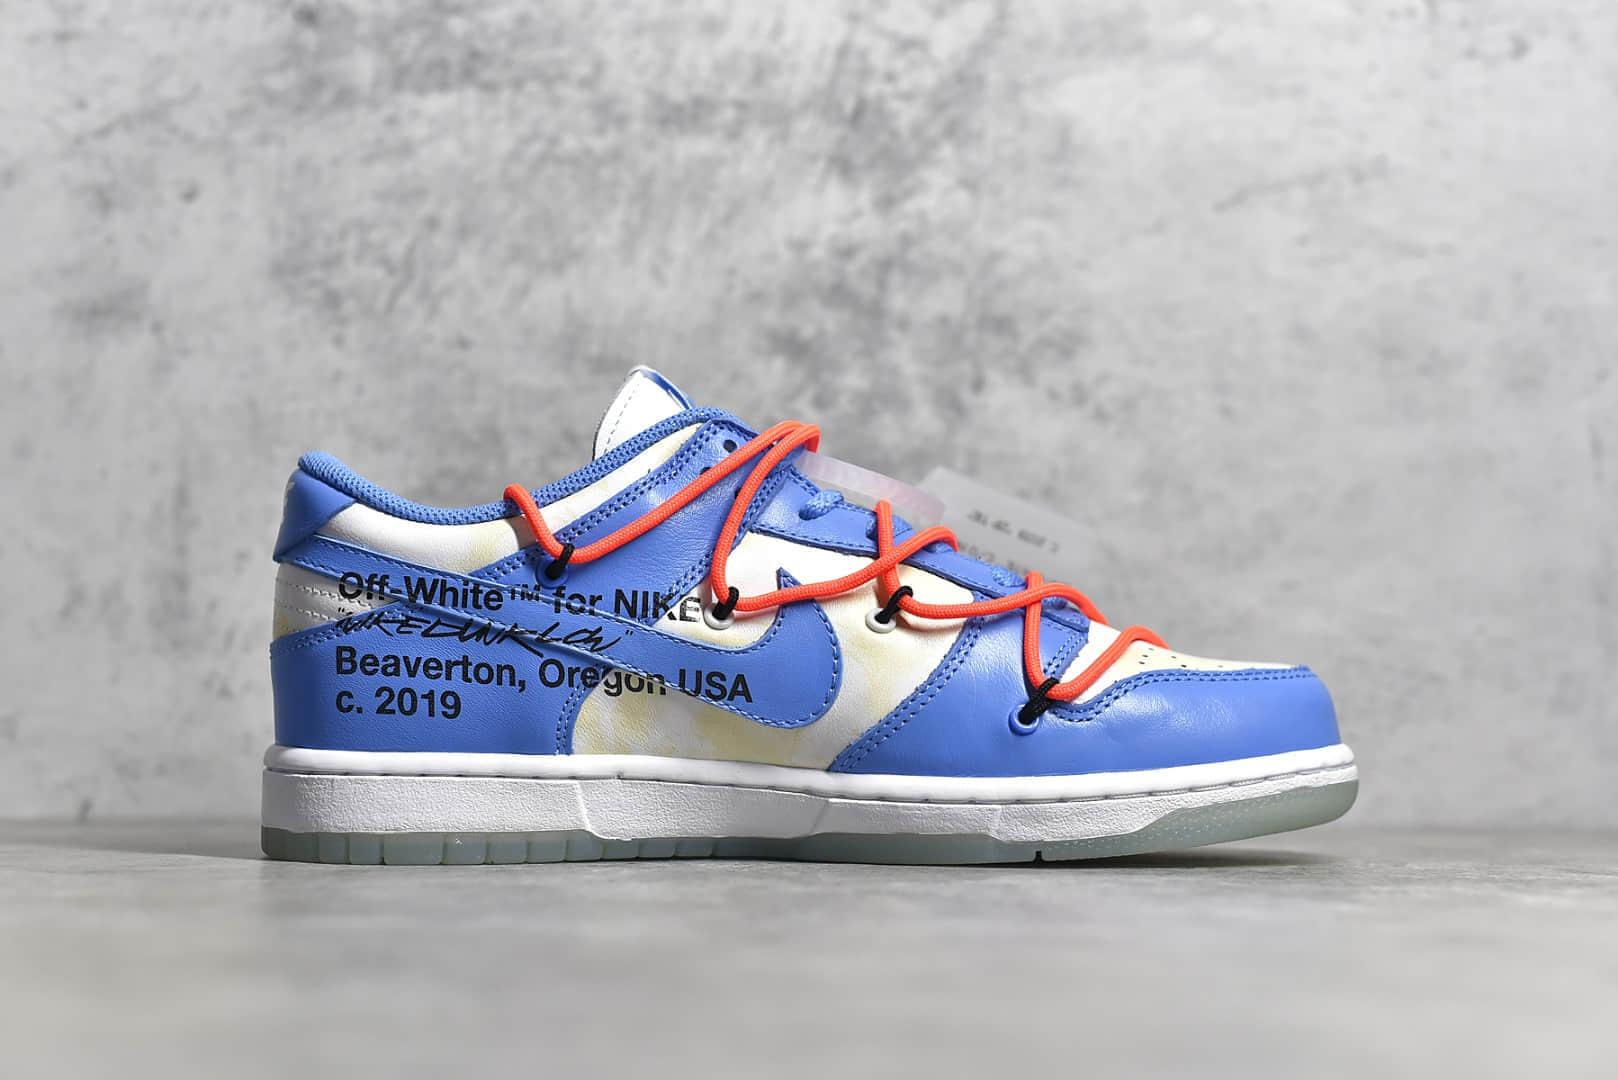 耐克Dunk OW Futura联名白蓝低帮 Off-White x Futura x SB Dunk 三方联名 耐克原厂裸鞋渠道-潮流者之家